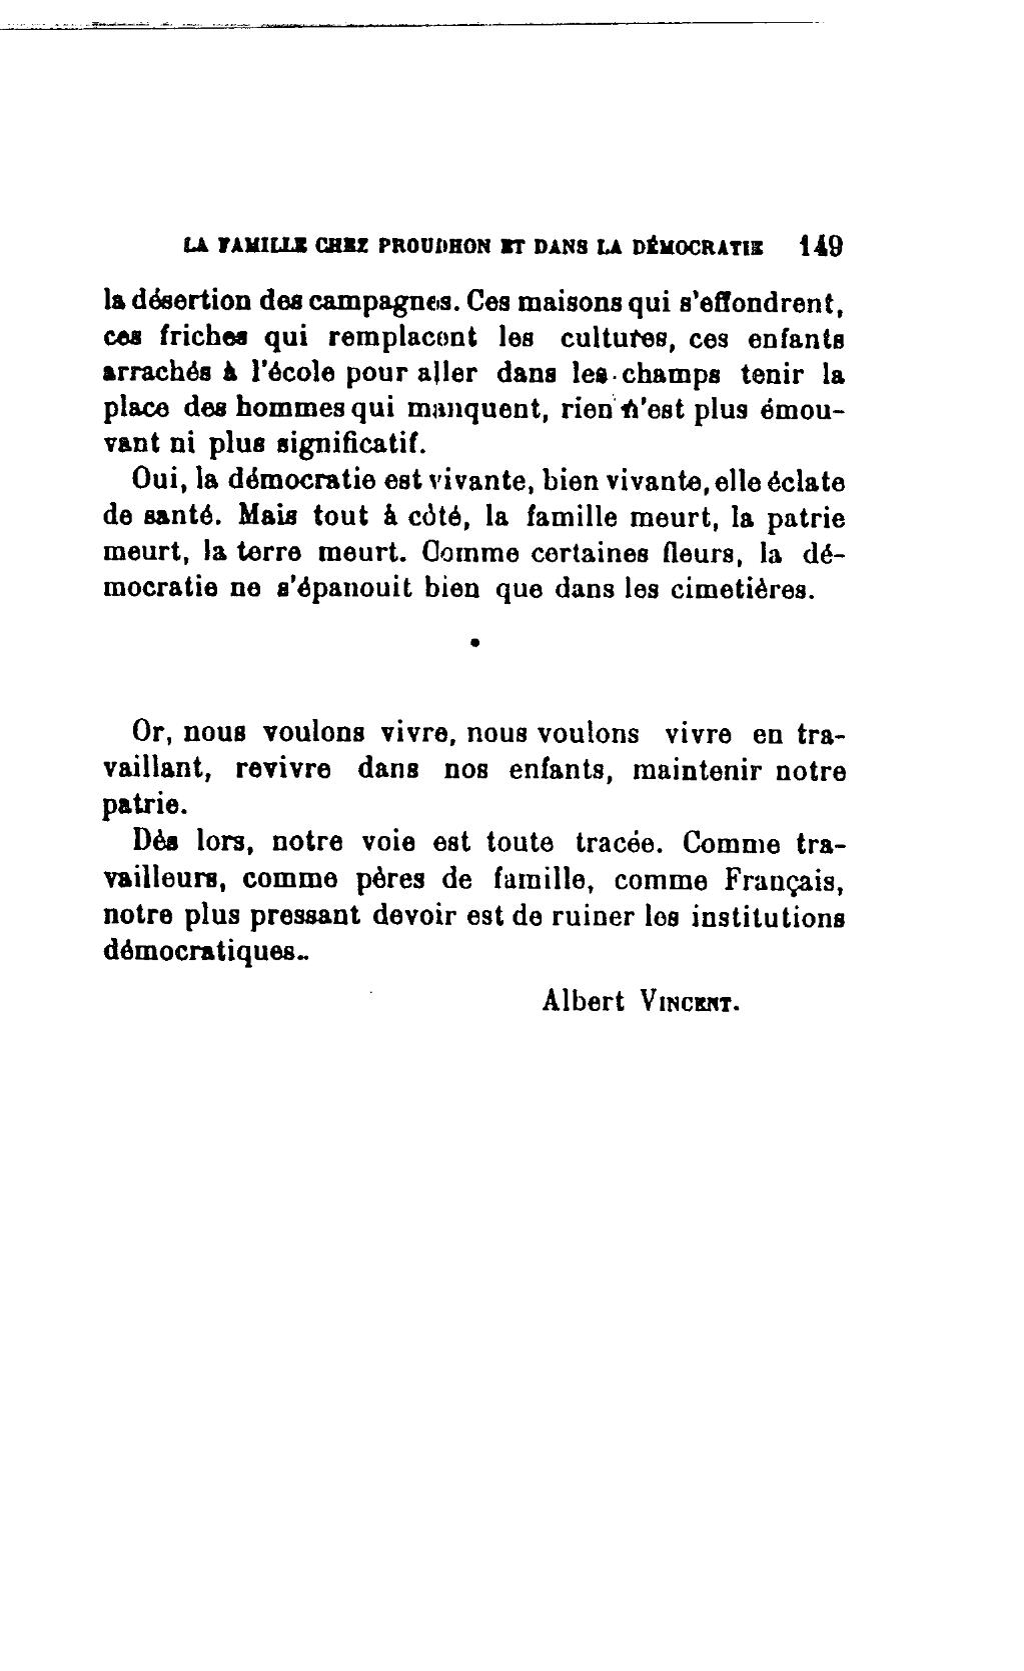 3baee30dad5ec2 Page Cahiers du Cercle Proudhon, cahier 3-4, 1912.djvu 46 - Wikisource